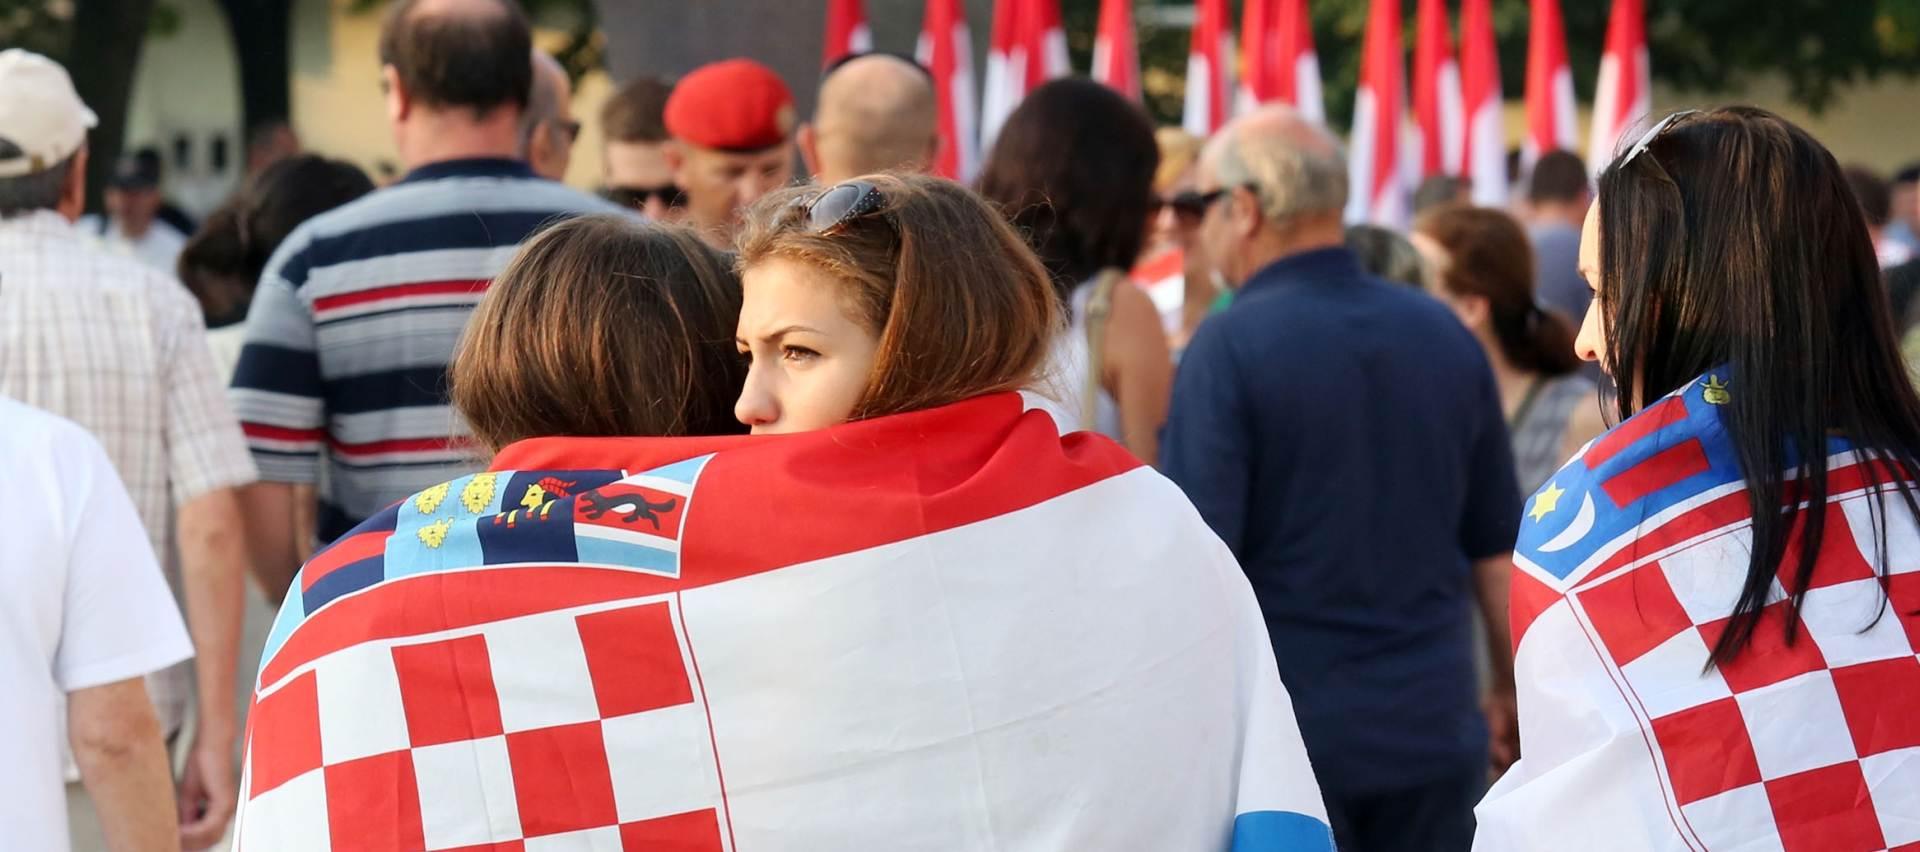 """DOK SE U HRVATSKOJ SLAVI: Zbog napetosti oko """"Oluje"""" teški dani za hrvatsku manjinu u Vojvodini"""